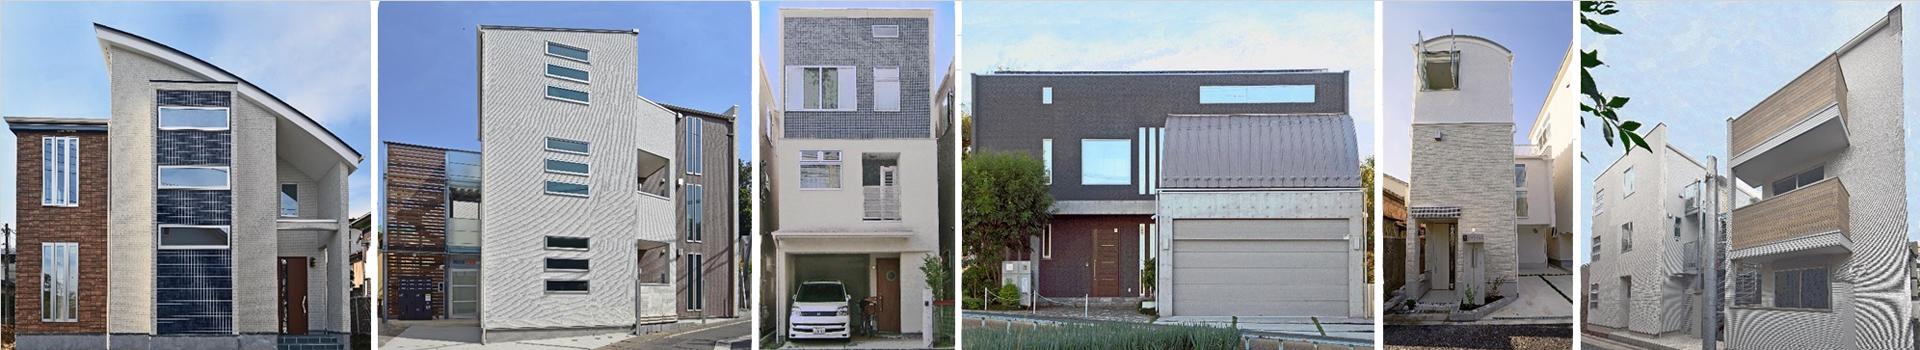 神奈川のデザイン住宅の外観